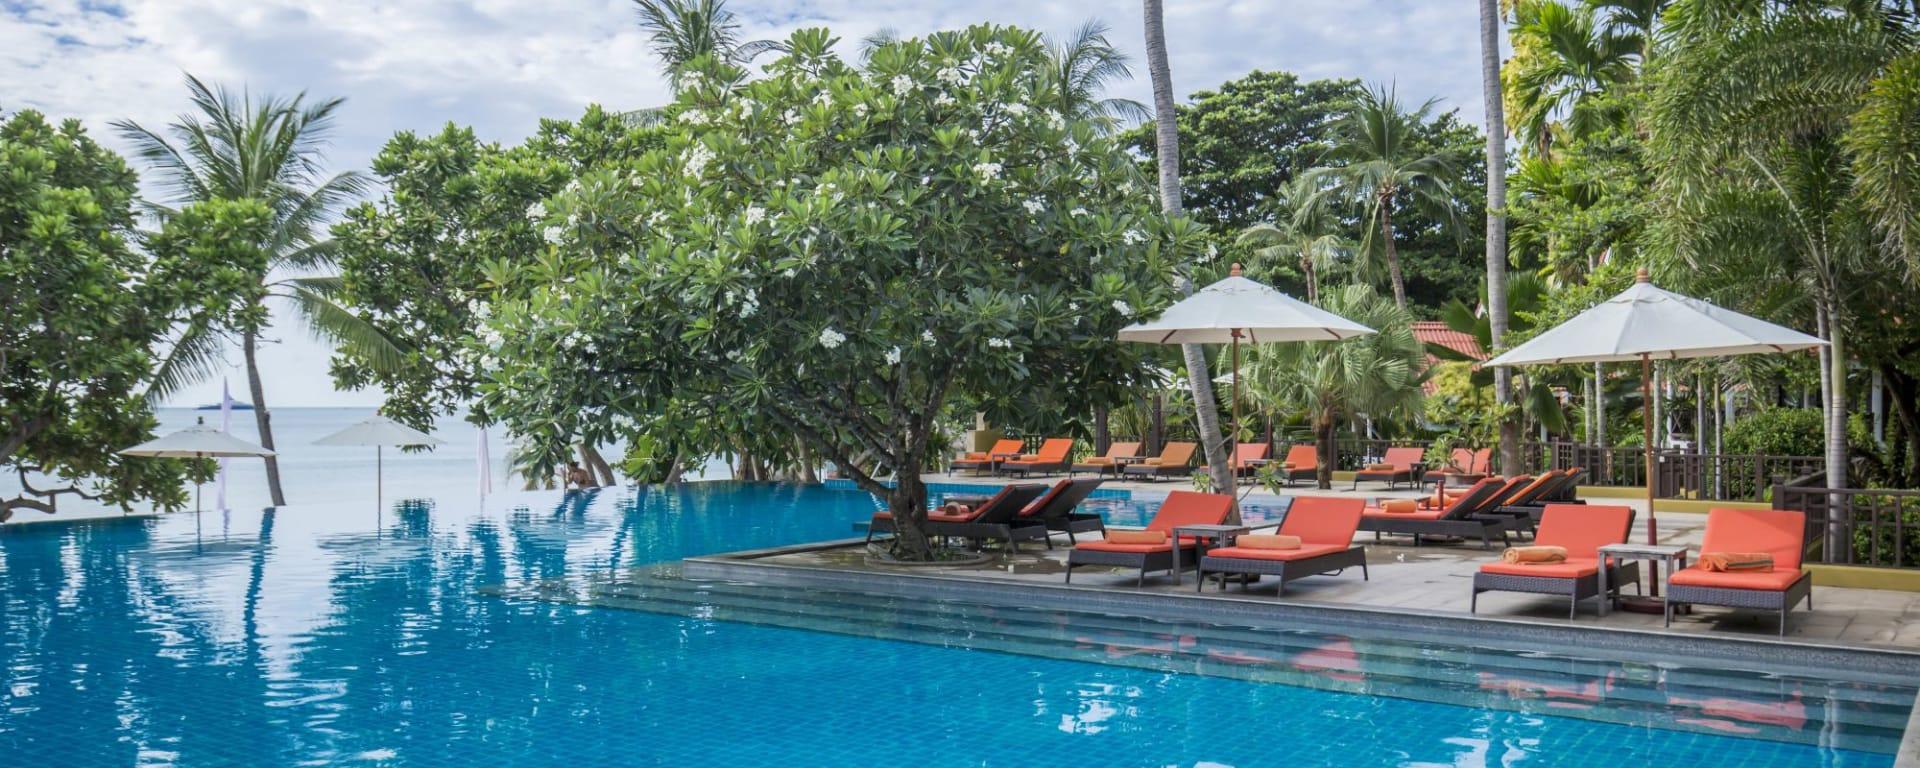 New Star Resort à Ko Samui: Pool with sunbeds